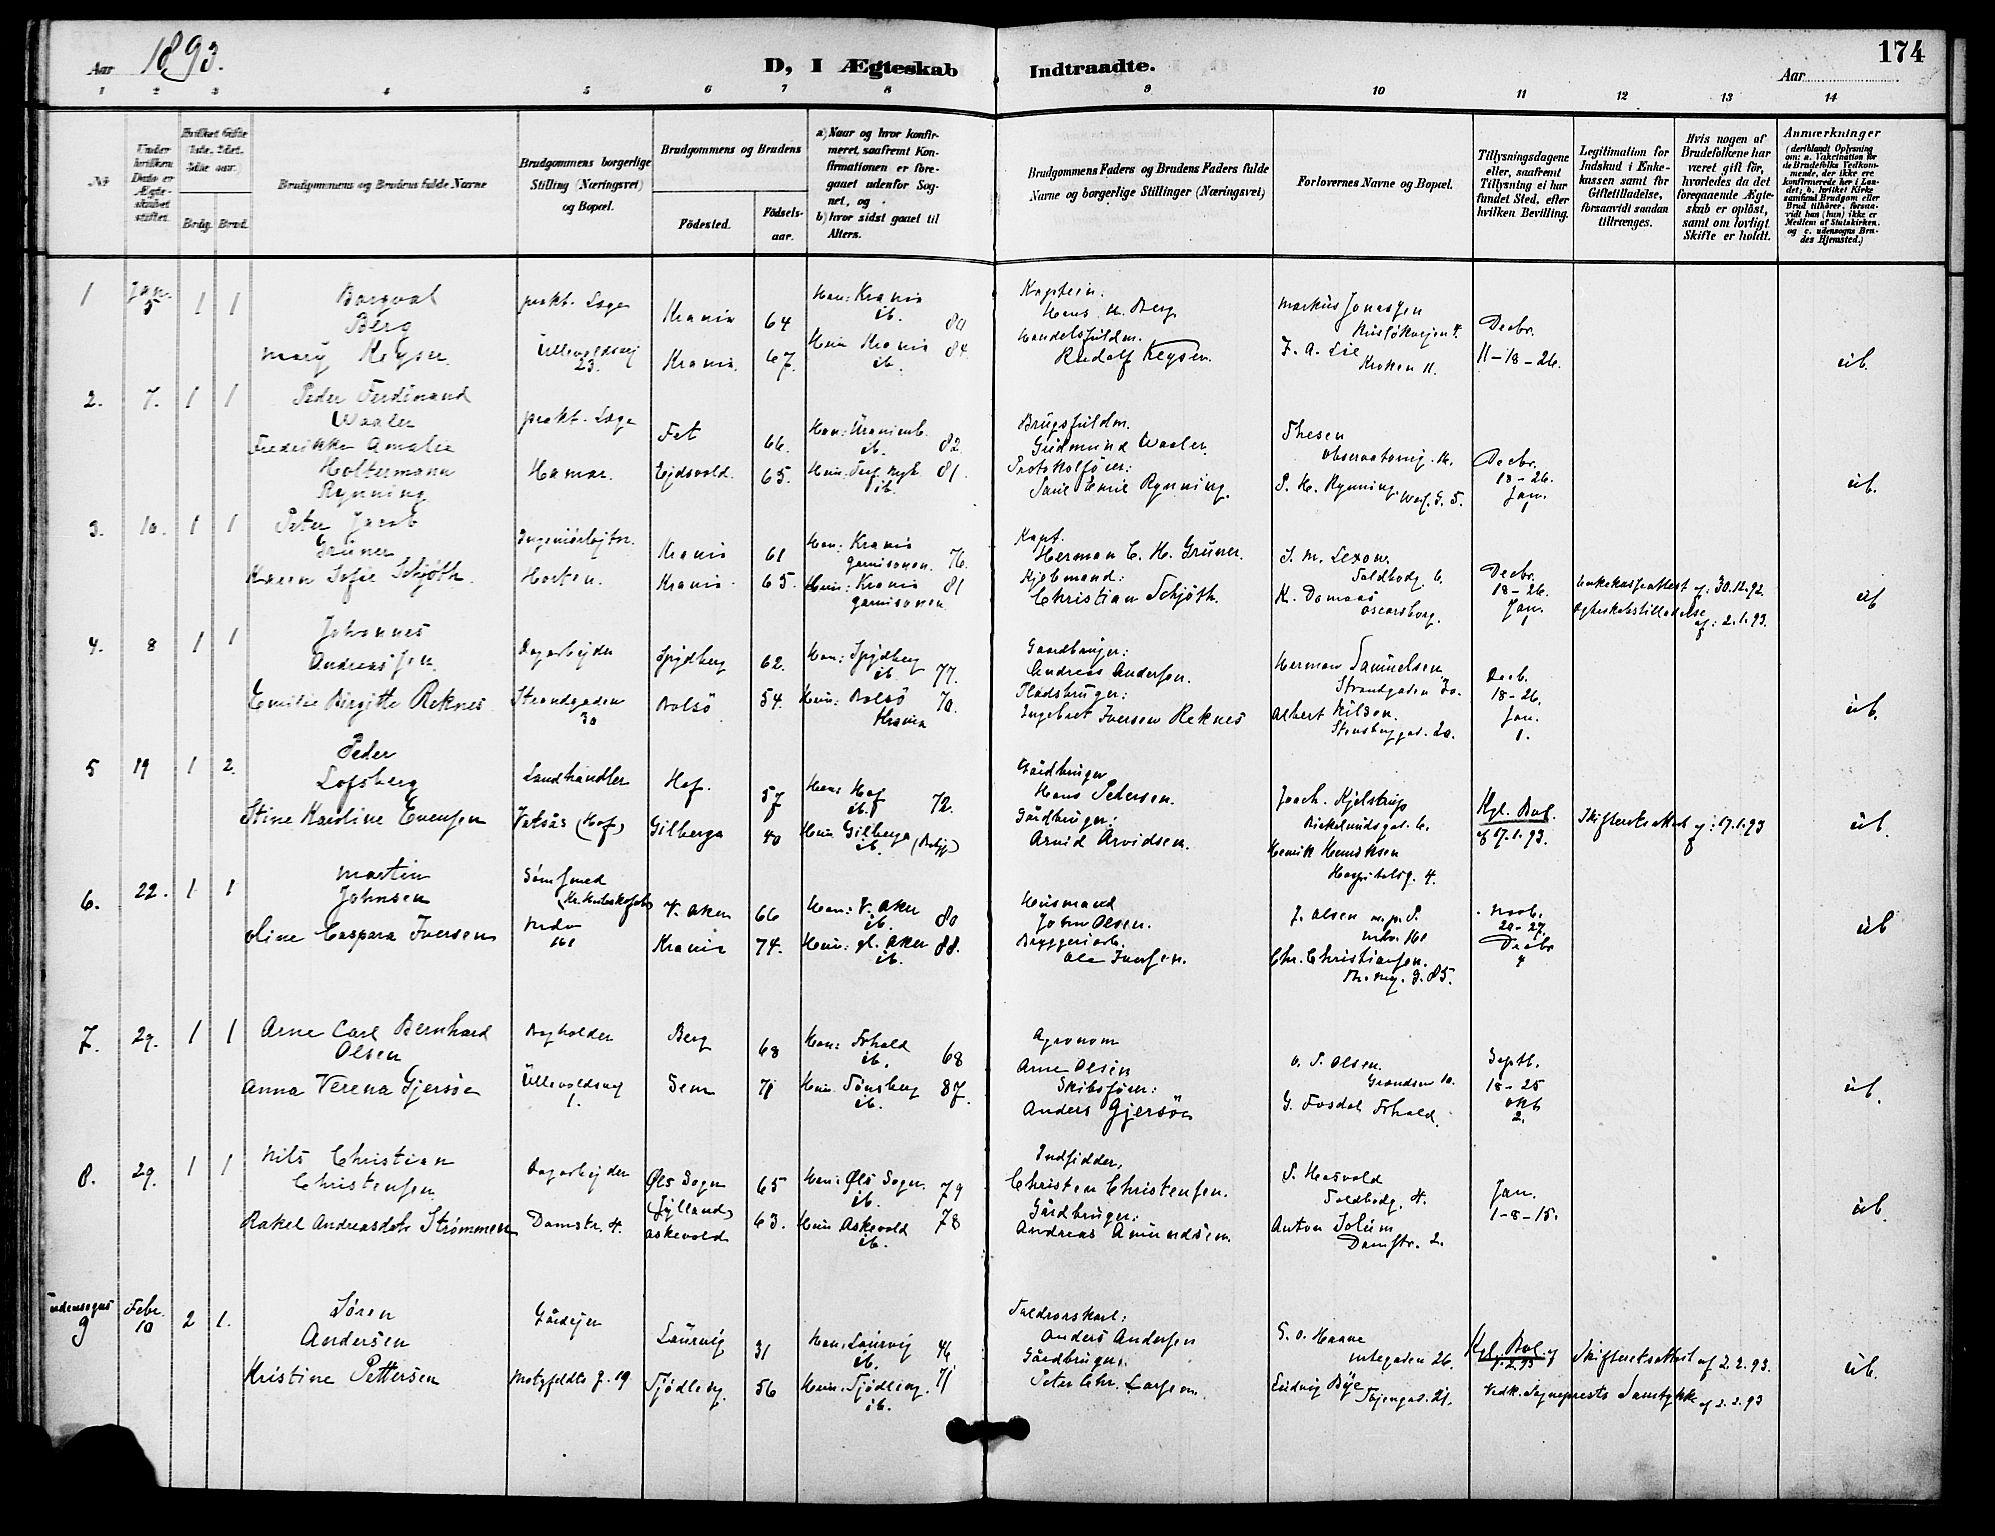 SAO, Gamle Aker prestekontor Kirkebøker, F/L0009: Ministerialbok nr. 9, 1890-1898, s. 174